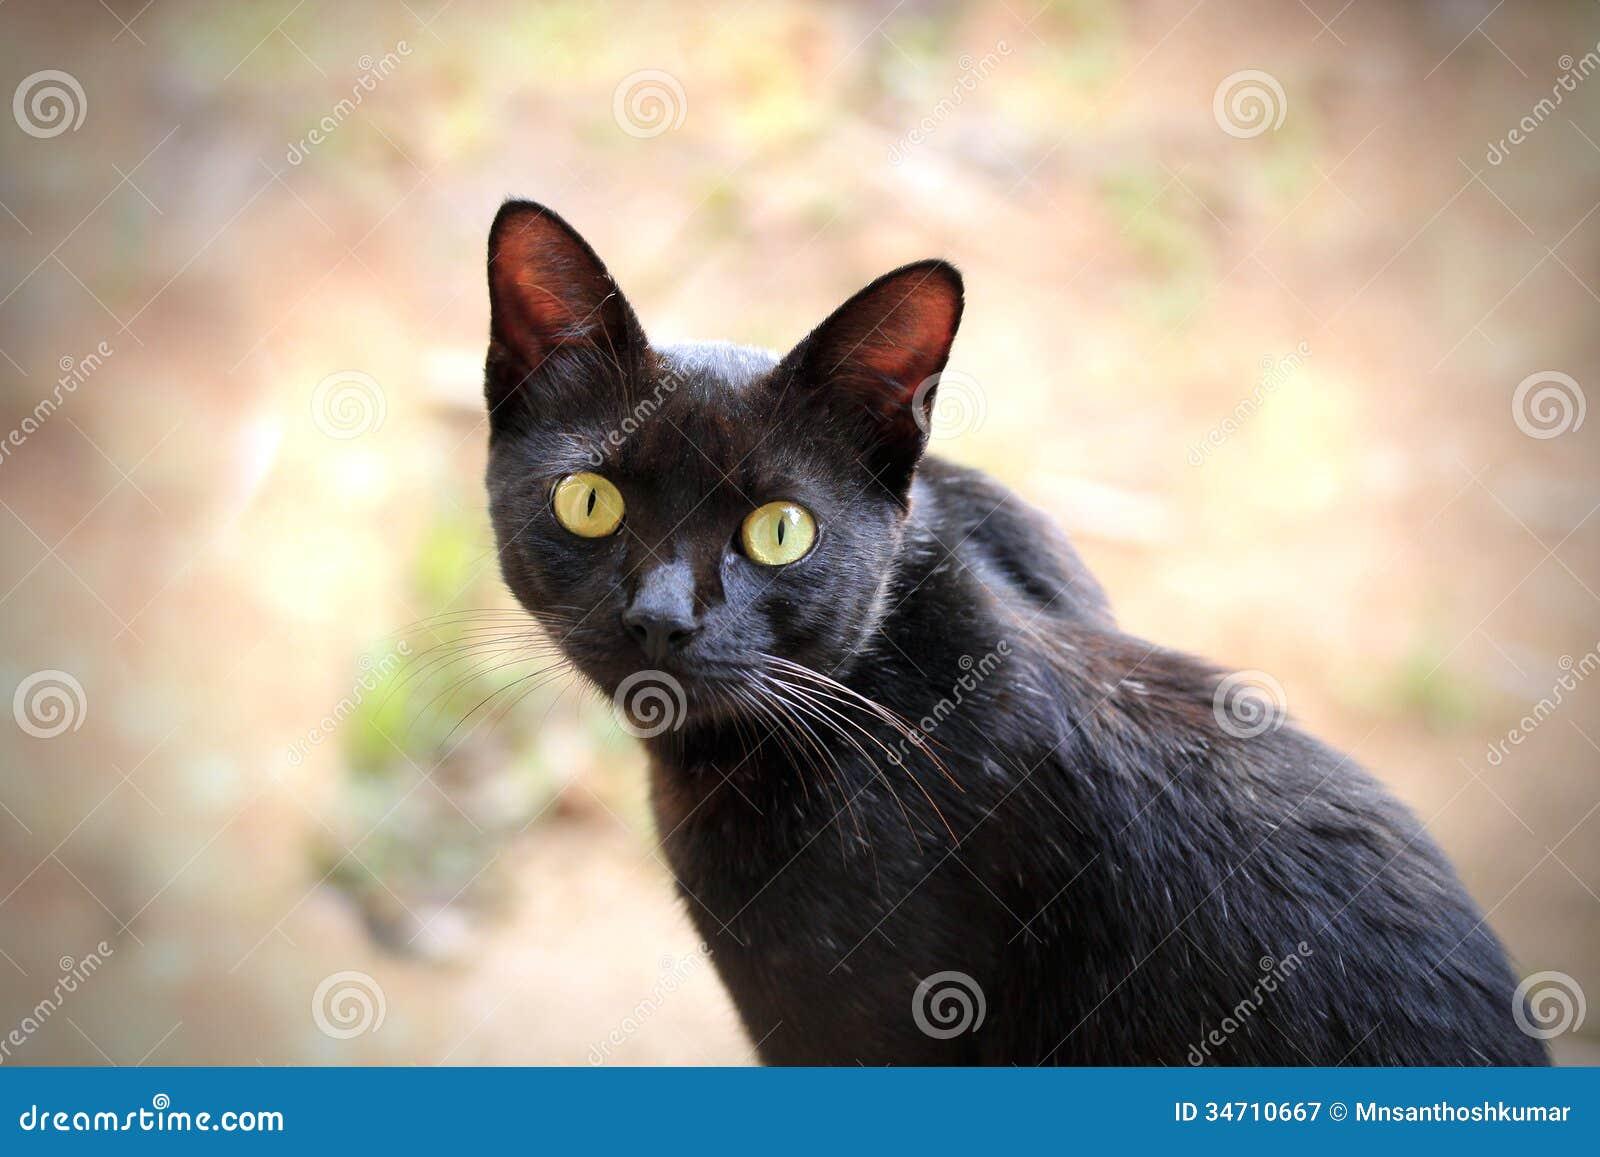 Piękny czarny kot z ekspresyjny orzechowych oczu gapić się